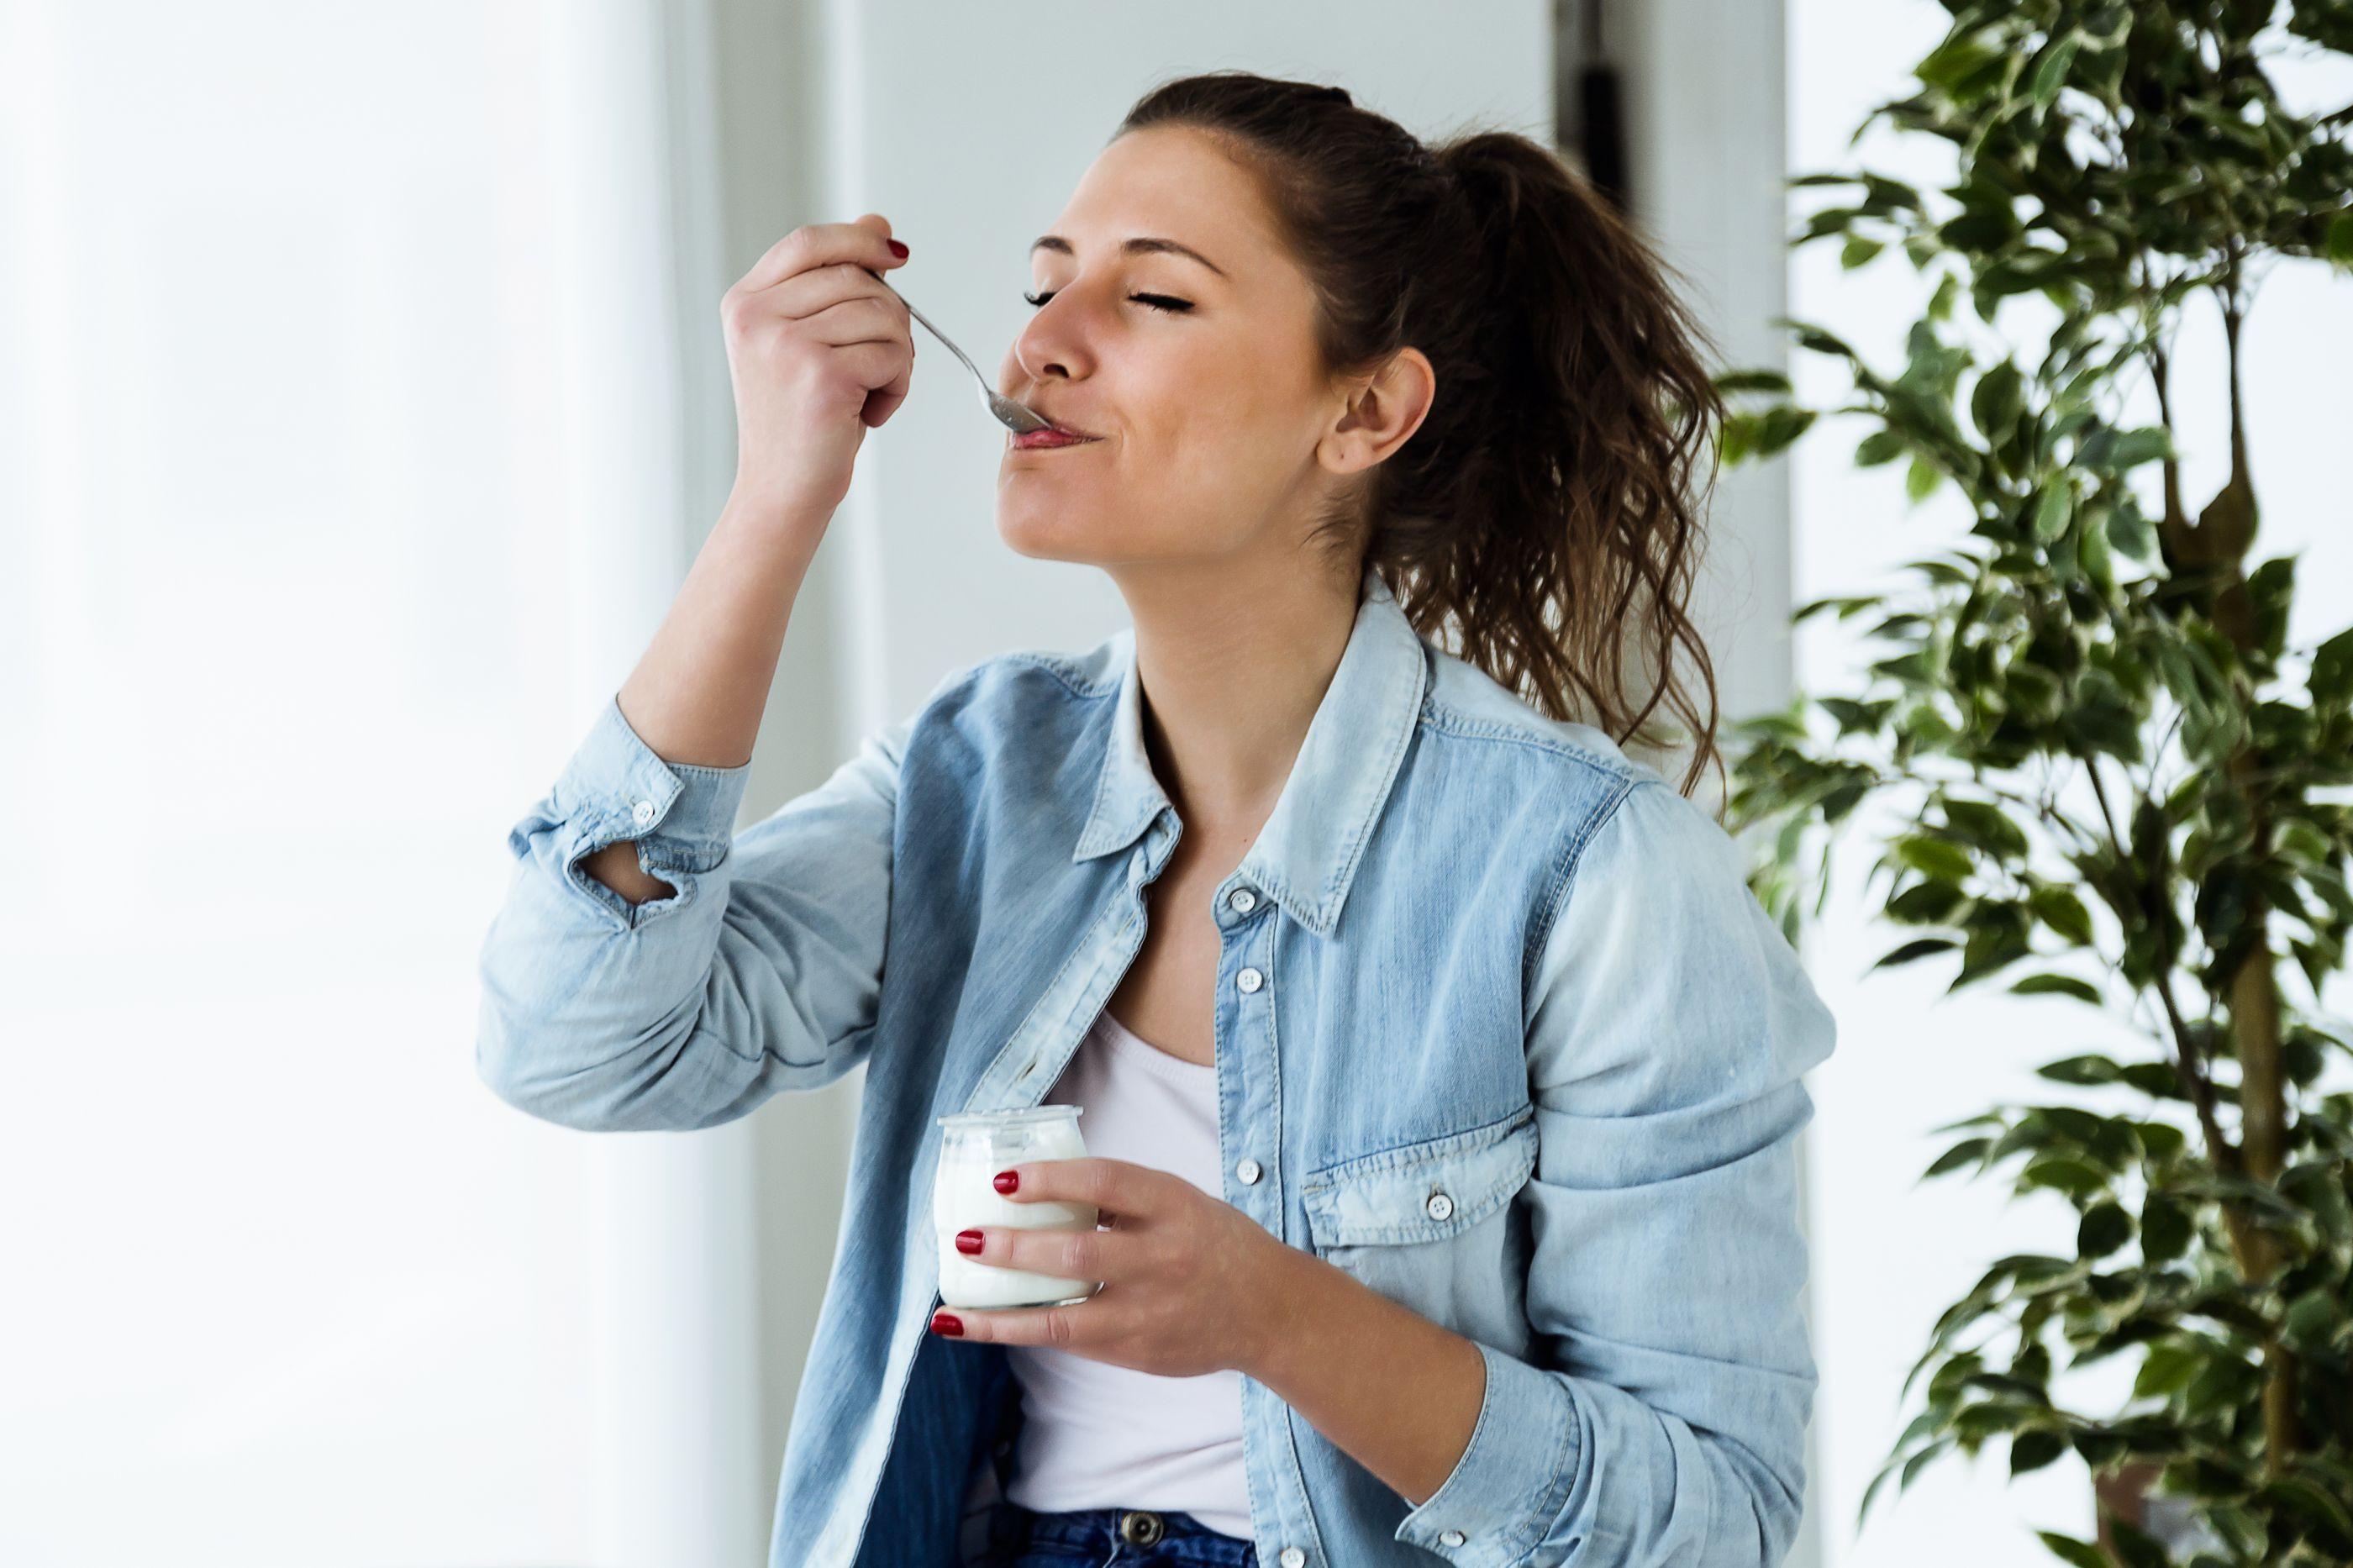 O perigo escondido nos iogurtes. Estudo revela abuso desta substância